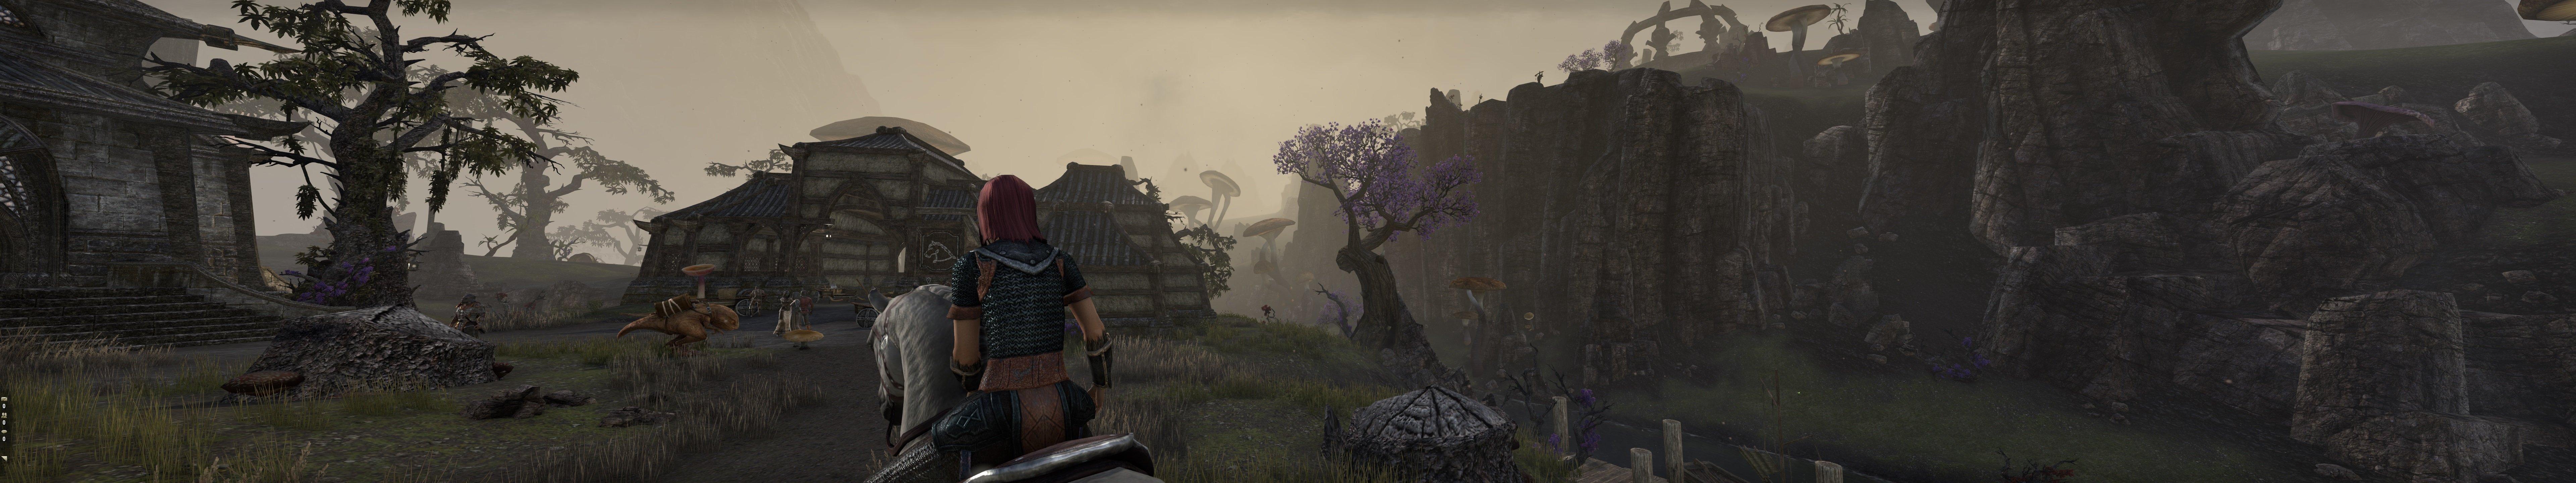 Пачка скриншотов из The Elder Scrolls Online на максимальных настройках в разрешении 7680x1440 - Изображение 10